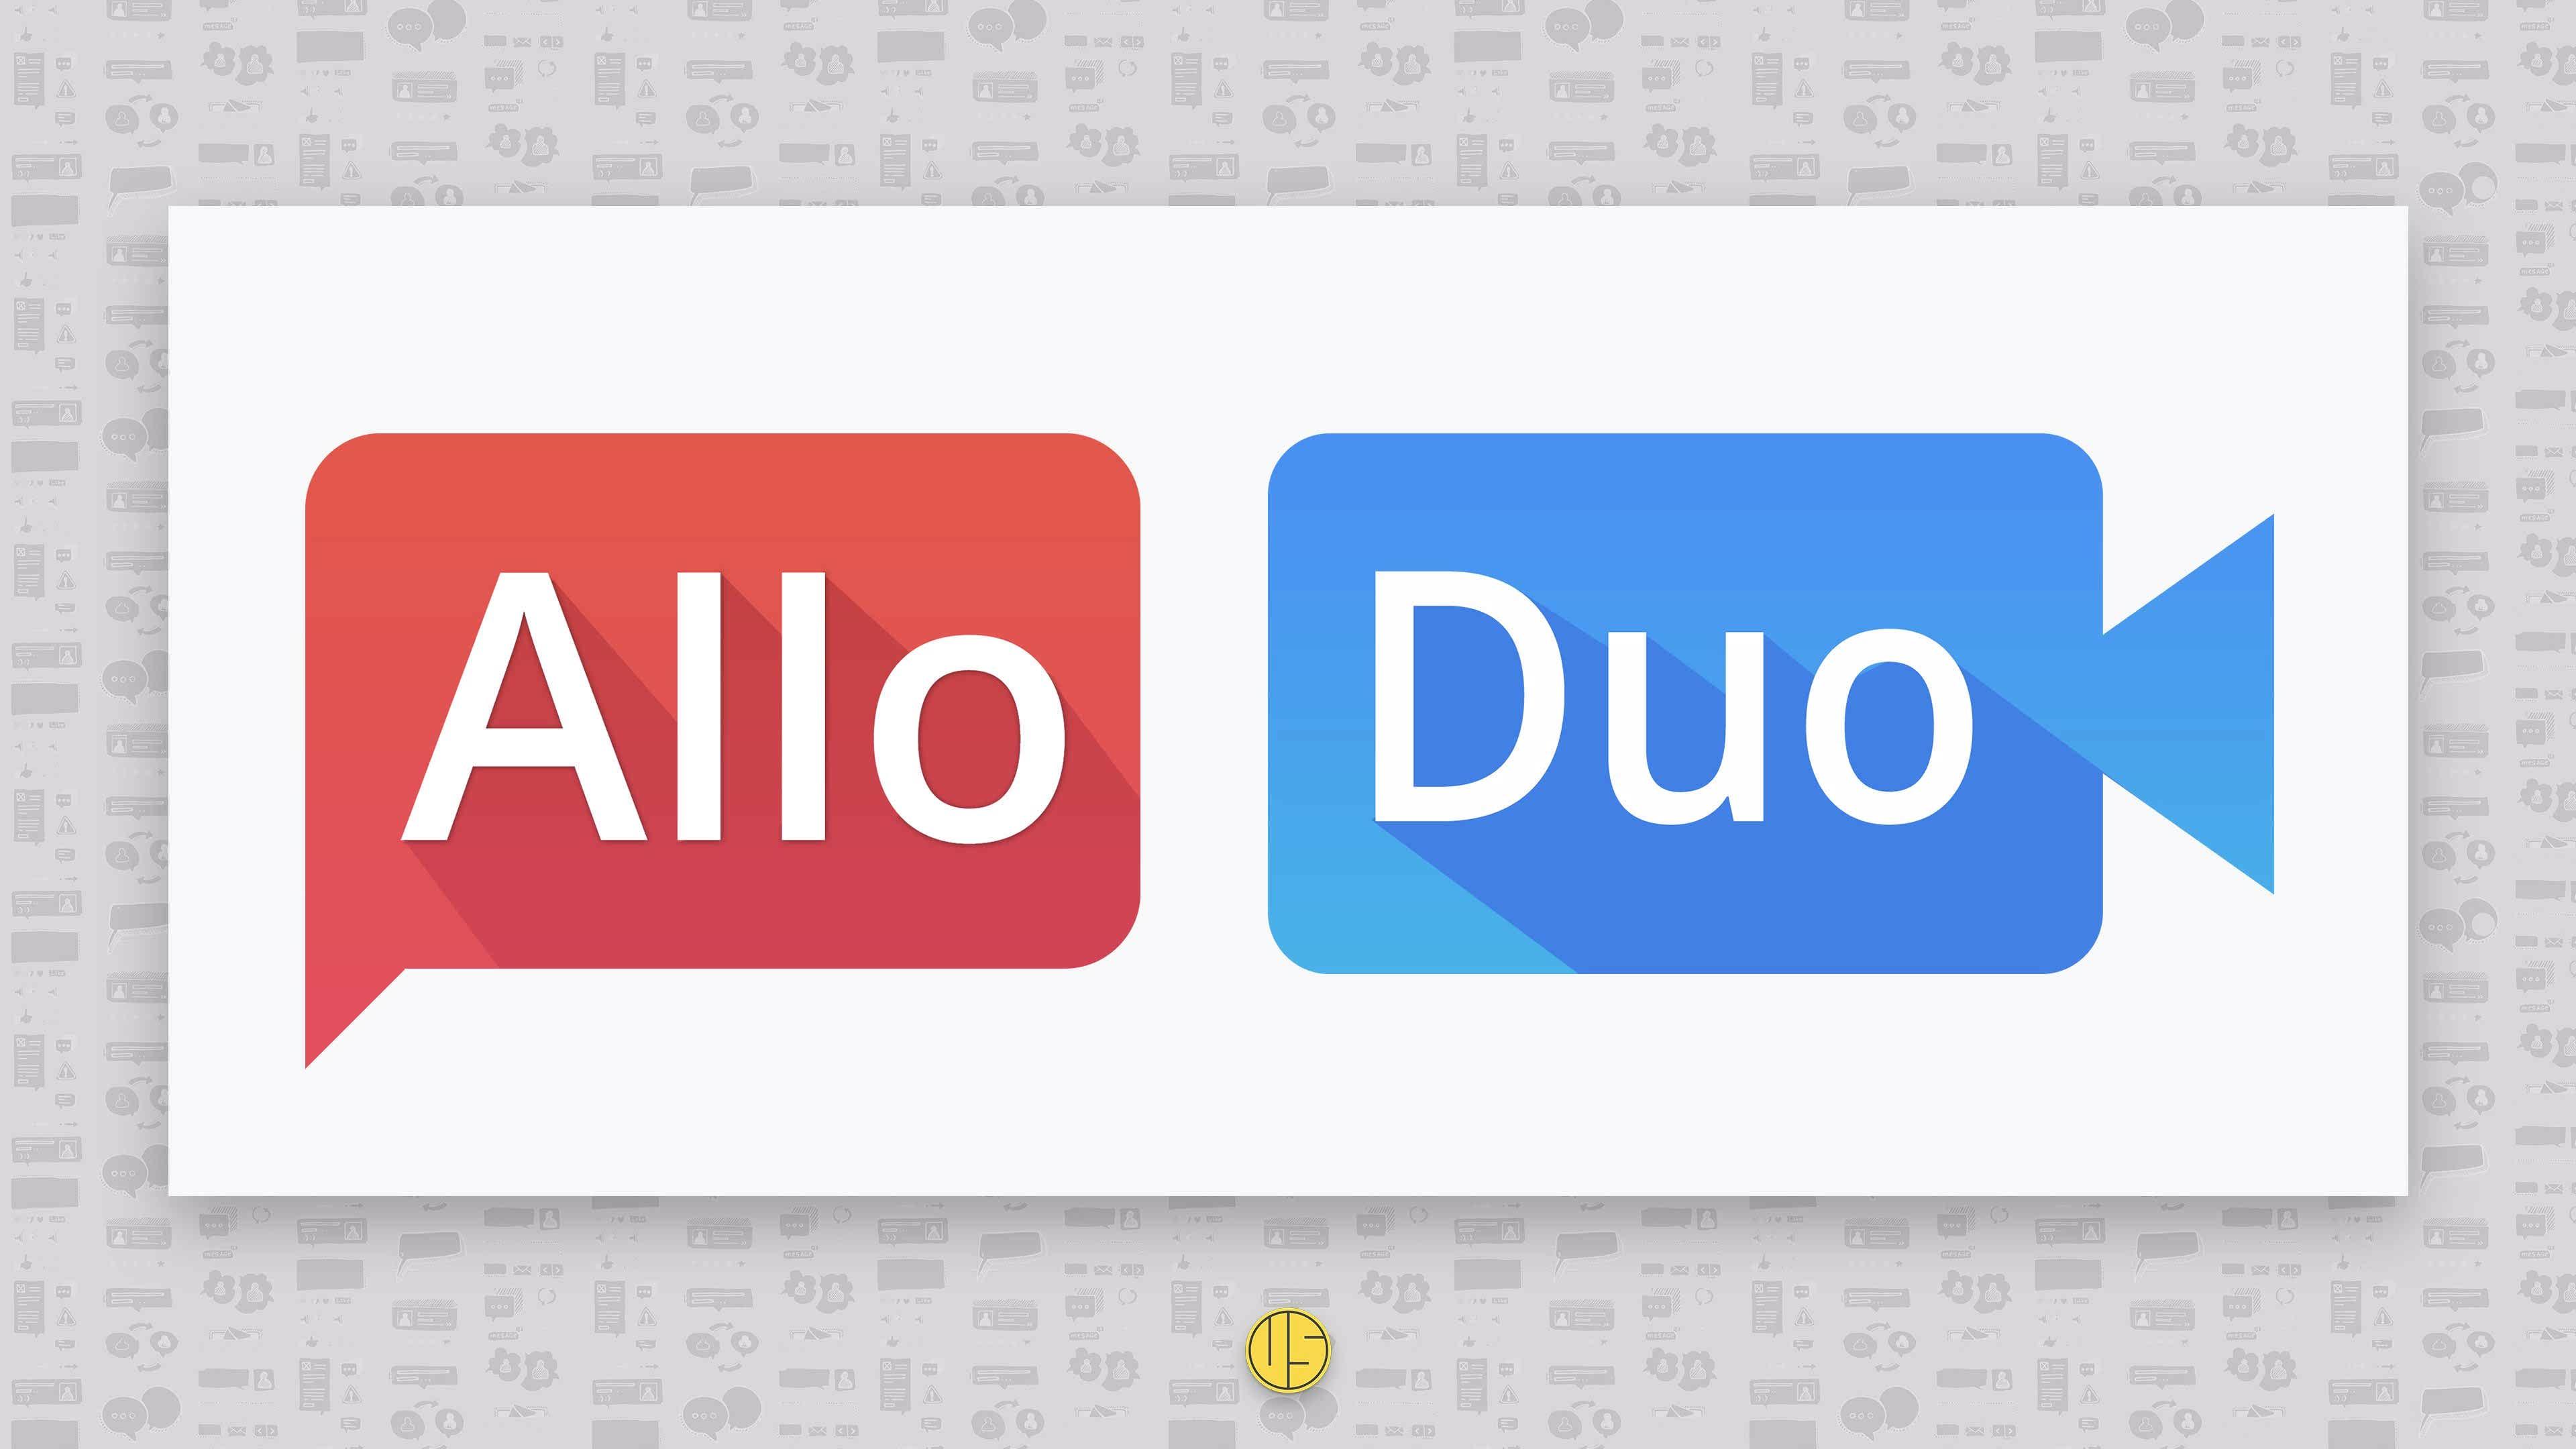 دانلود برنامه تماس تصویری گوگل برای اندروید Google Duo